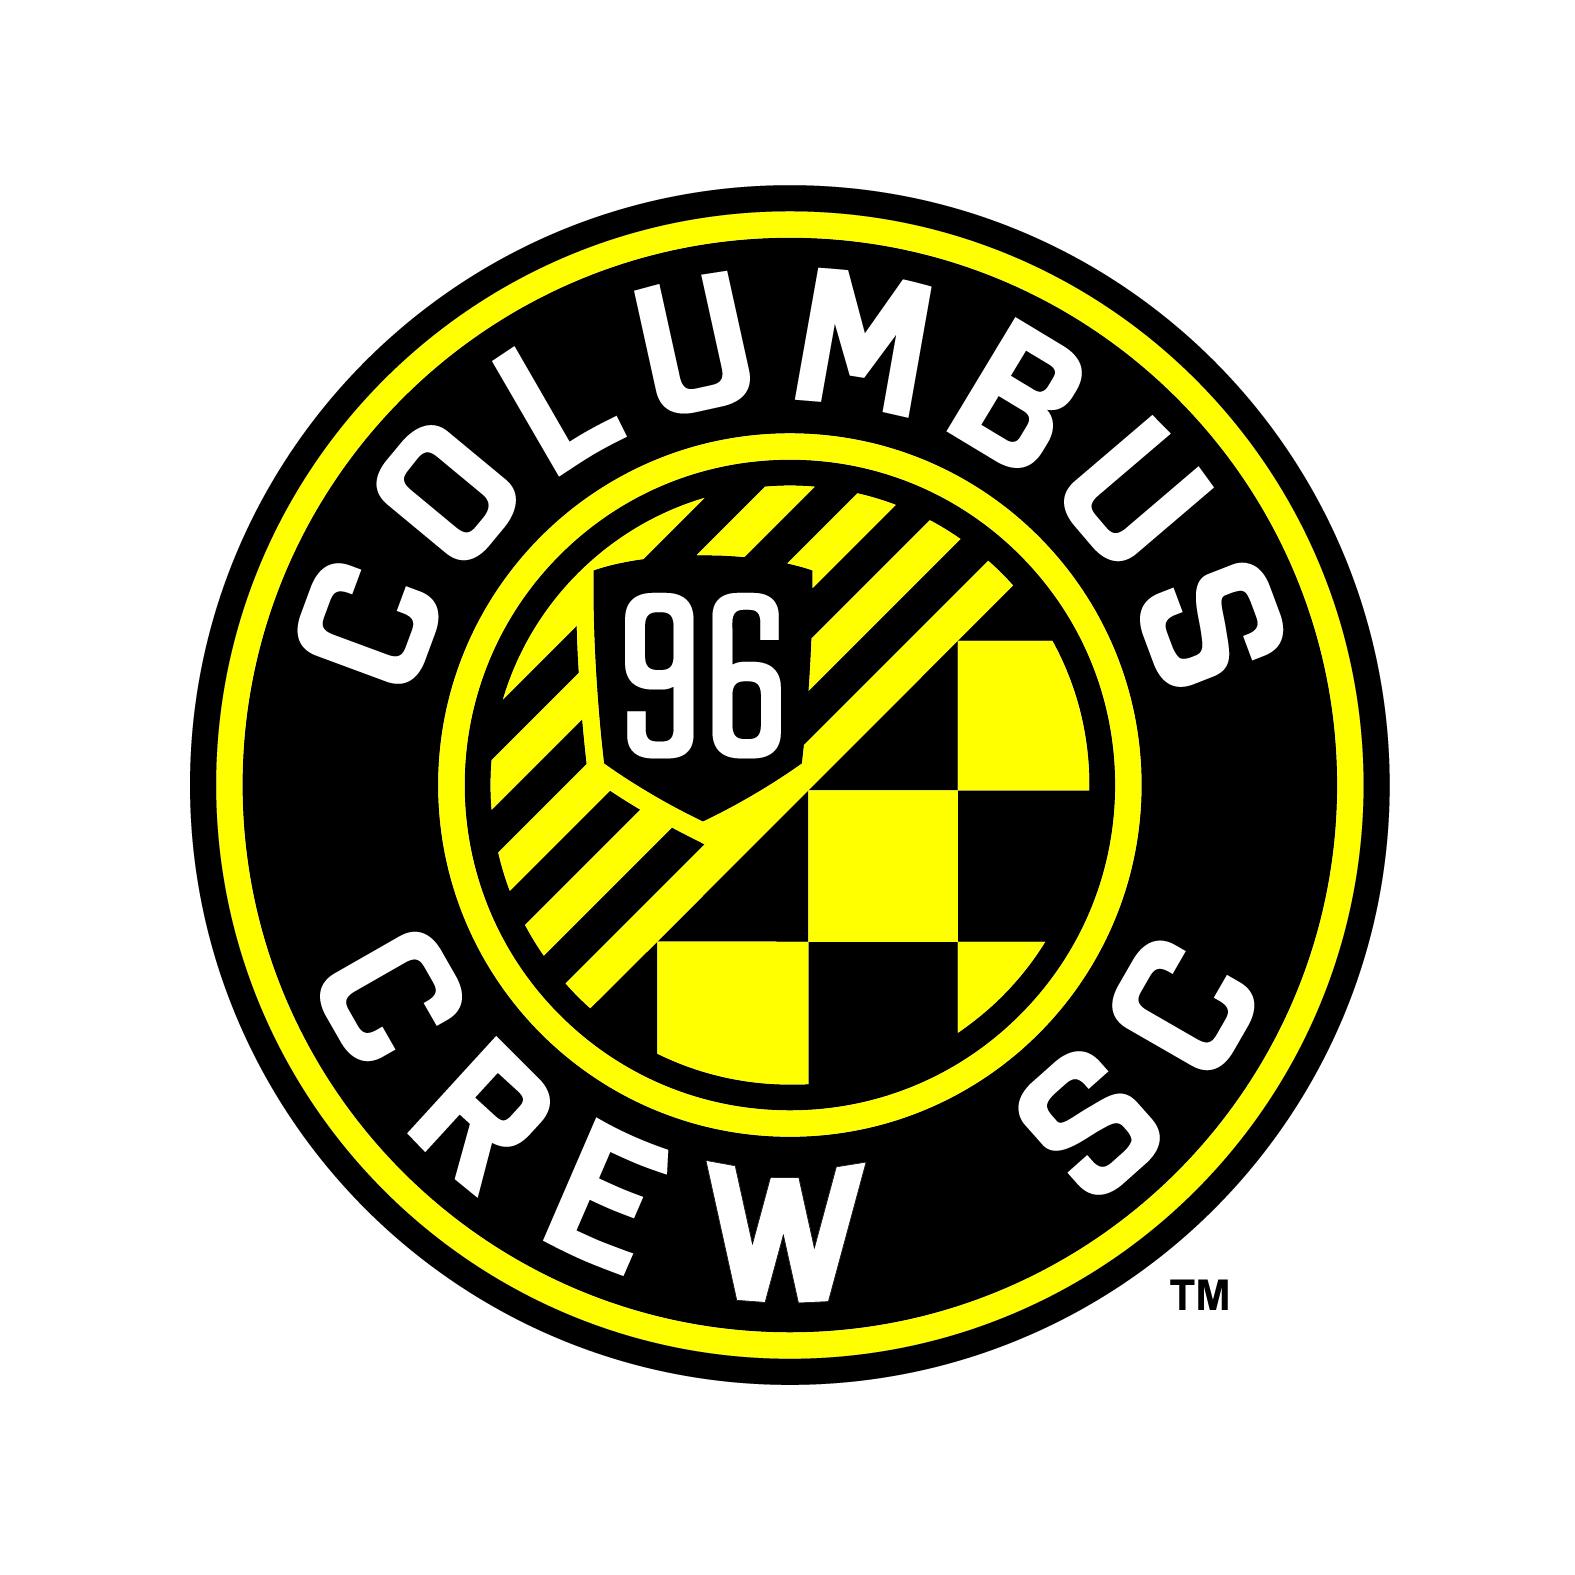 ColumbusCrewSC-Primary.jpg